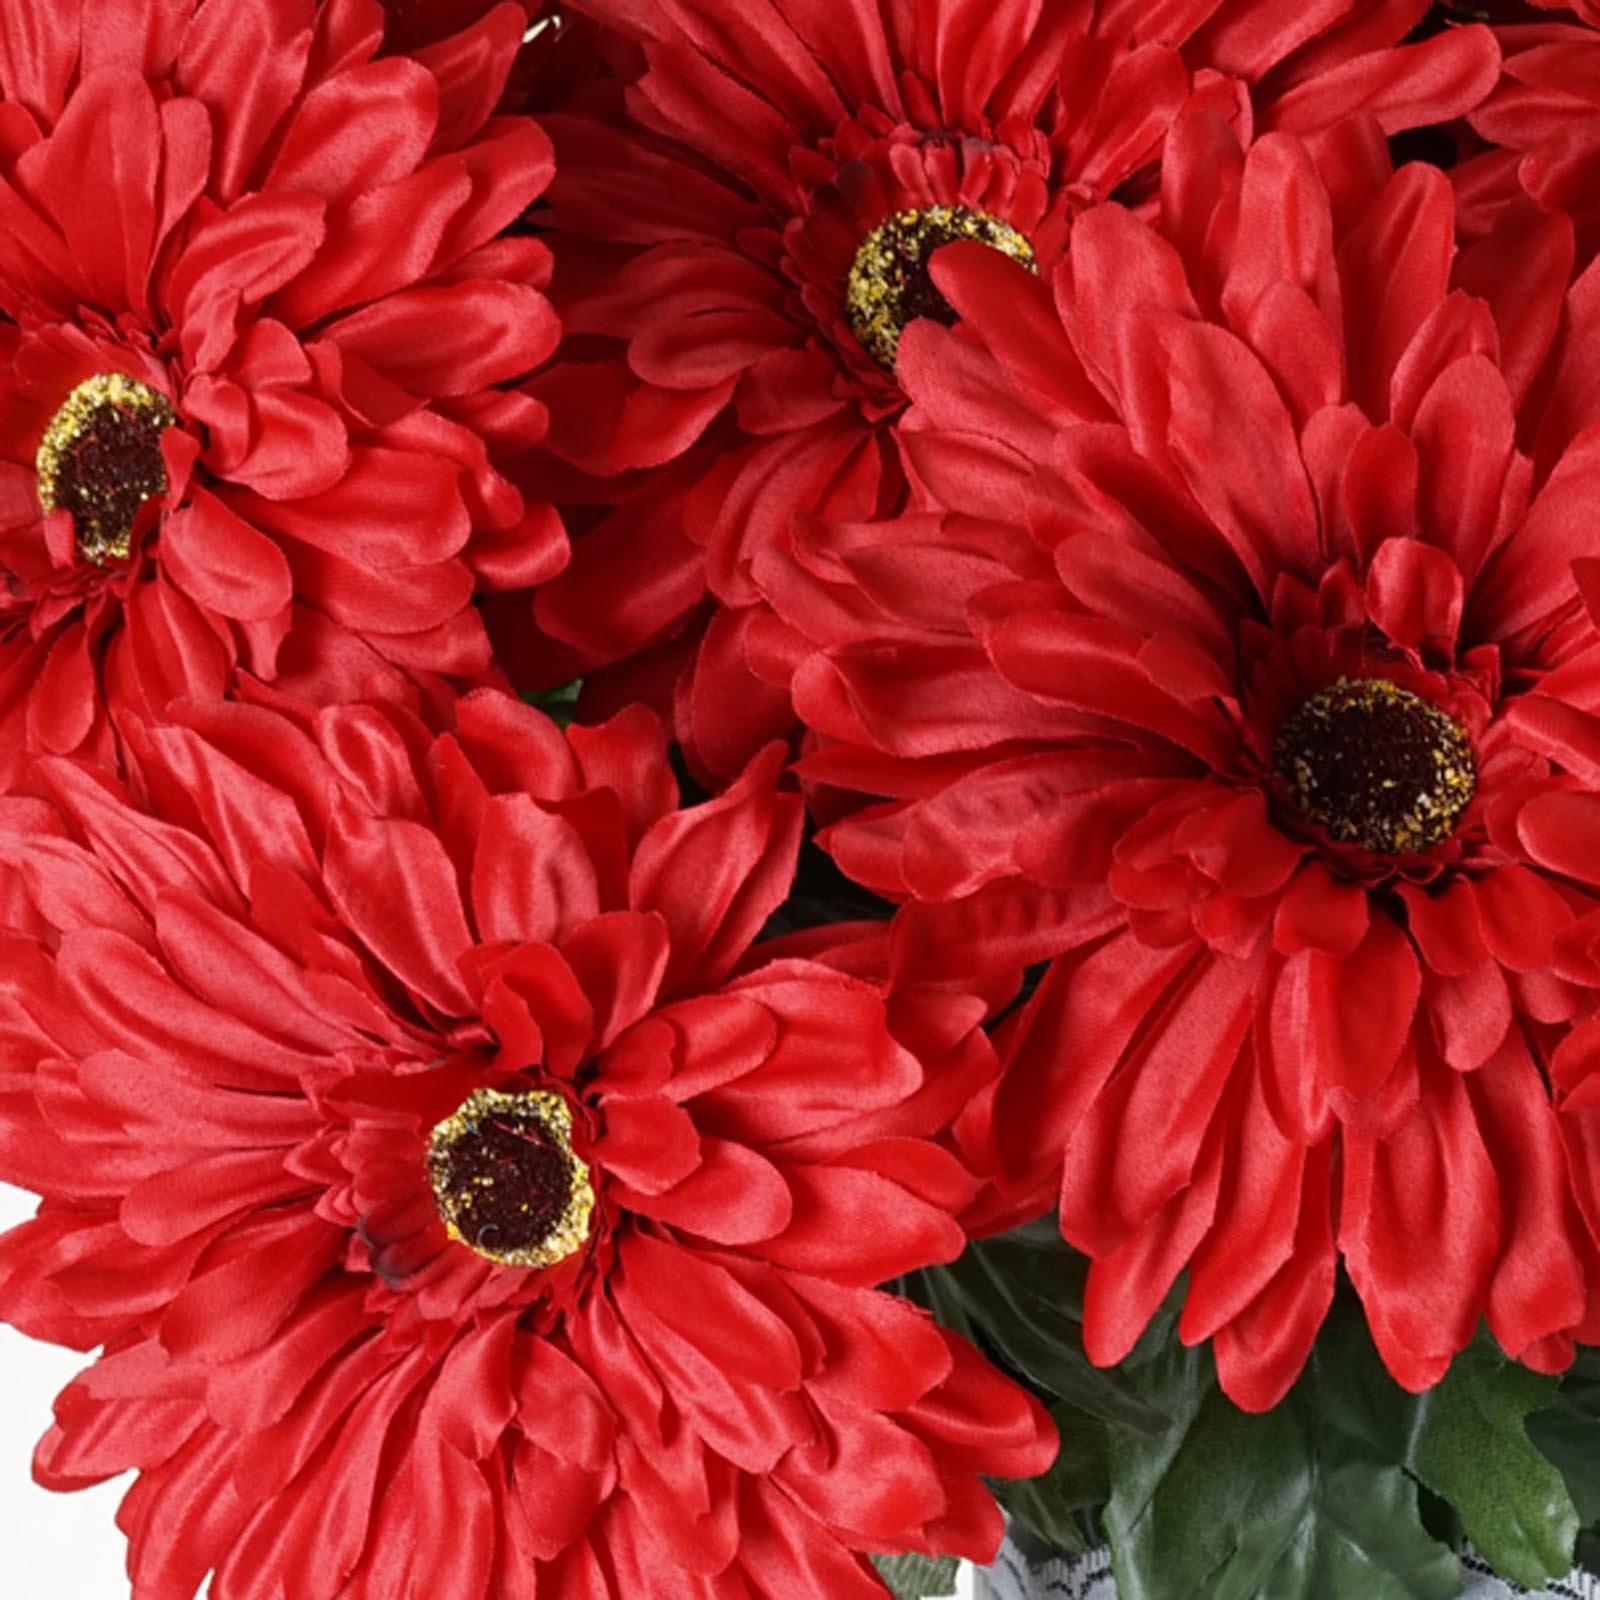 28 Gerbera Daisy Flowers Bush - Red | eFavorMart